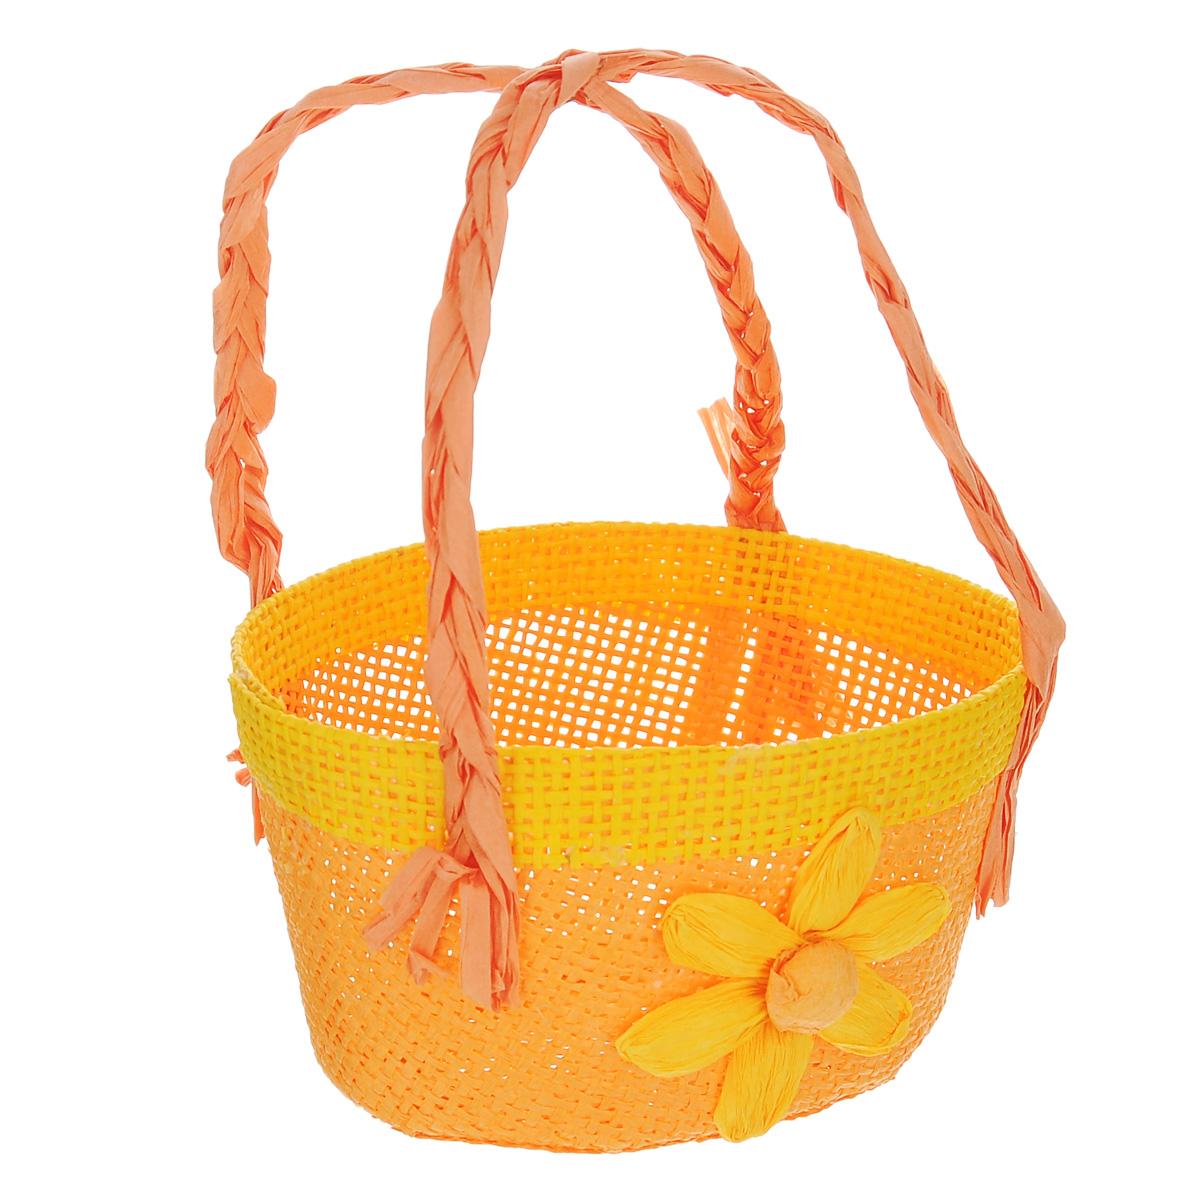 Корзина декоративная Home Queen Цветочная, цвет: оранжевый, 12 х 10 х 7,5 см66821_2Корзина Home Queen Цветочная, выполненная из бумаги и полиэстера, предназначена для хранения различных мелочей. Изделие декорировано цветком и оснащено двумя плетеными ручками. Такая корзина станет ярким и необычным подарком или украшением интерьера на Пасху. Размер: 12 см х 10 см х 7,5 см. Высота ручек: 10 см.